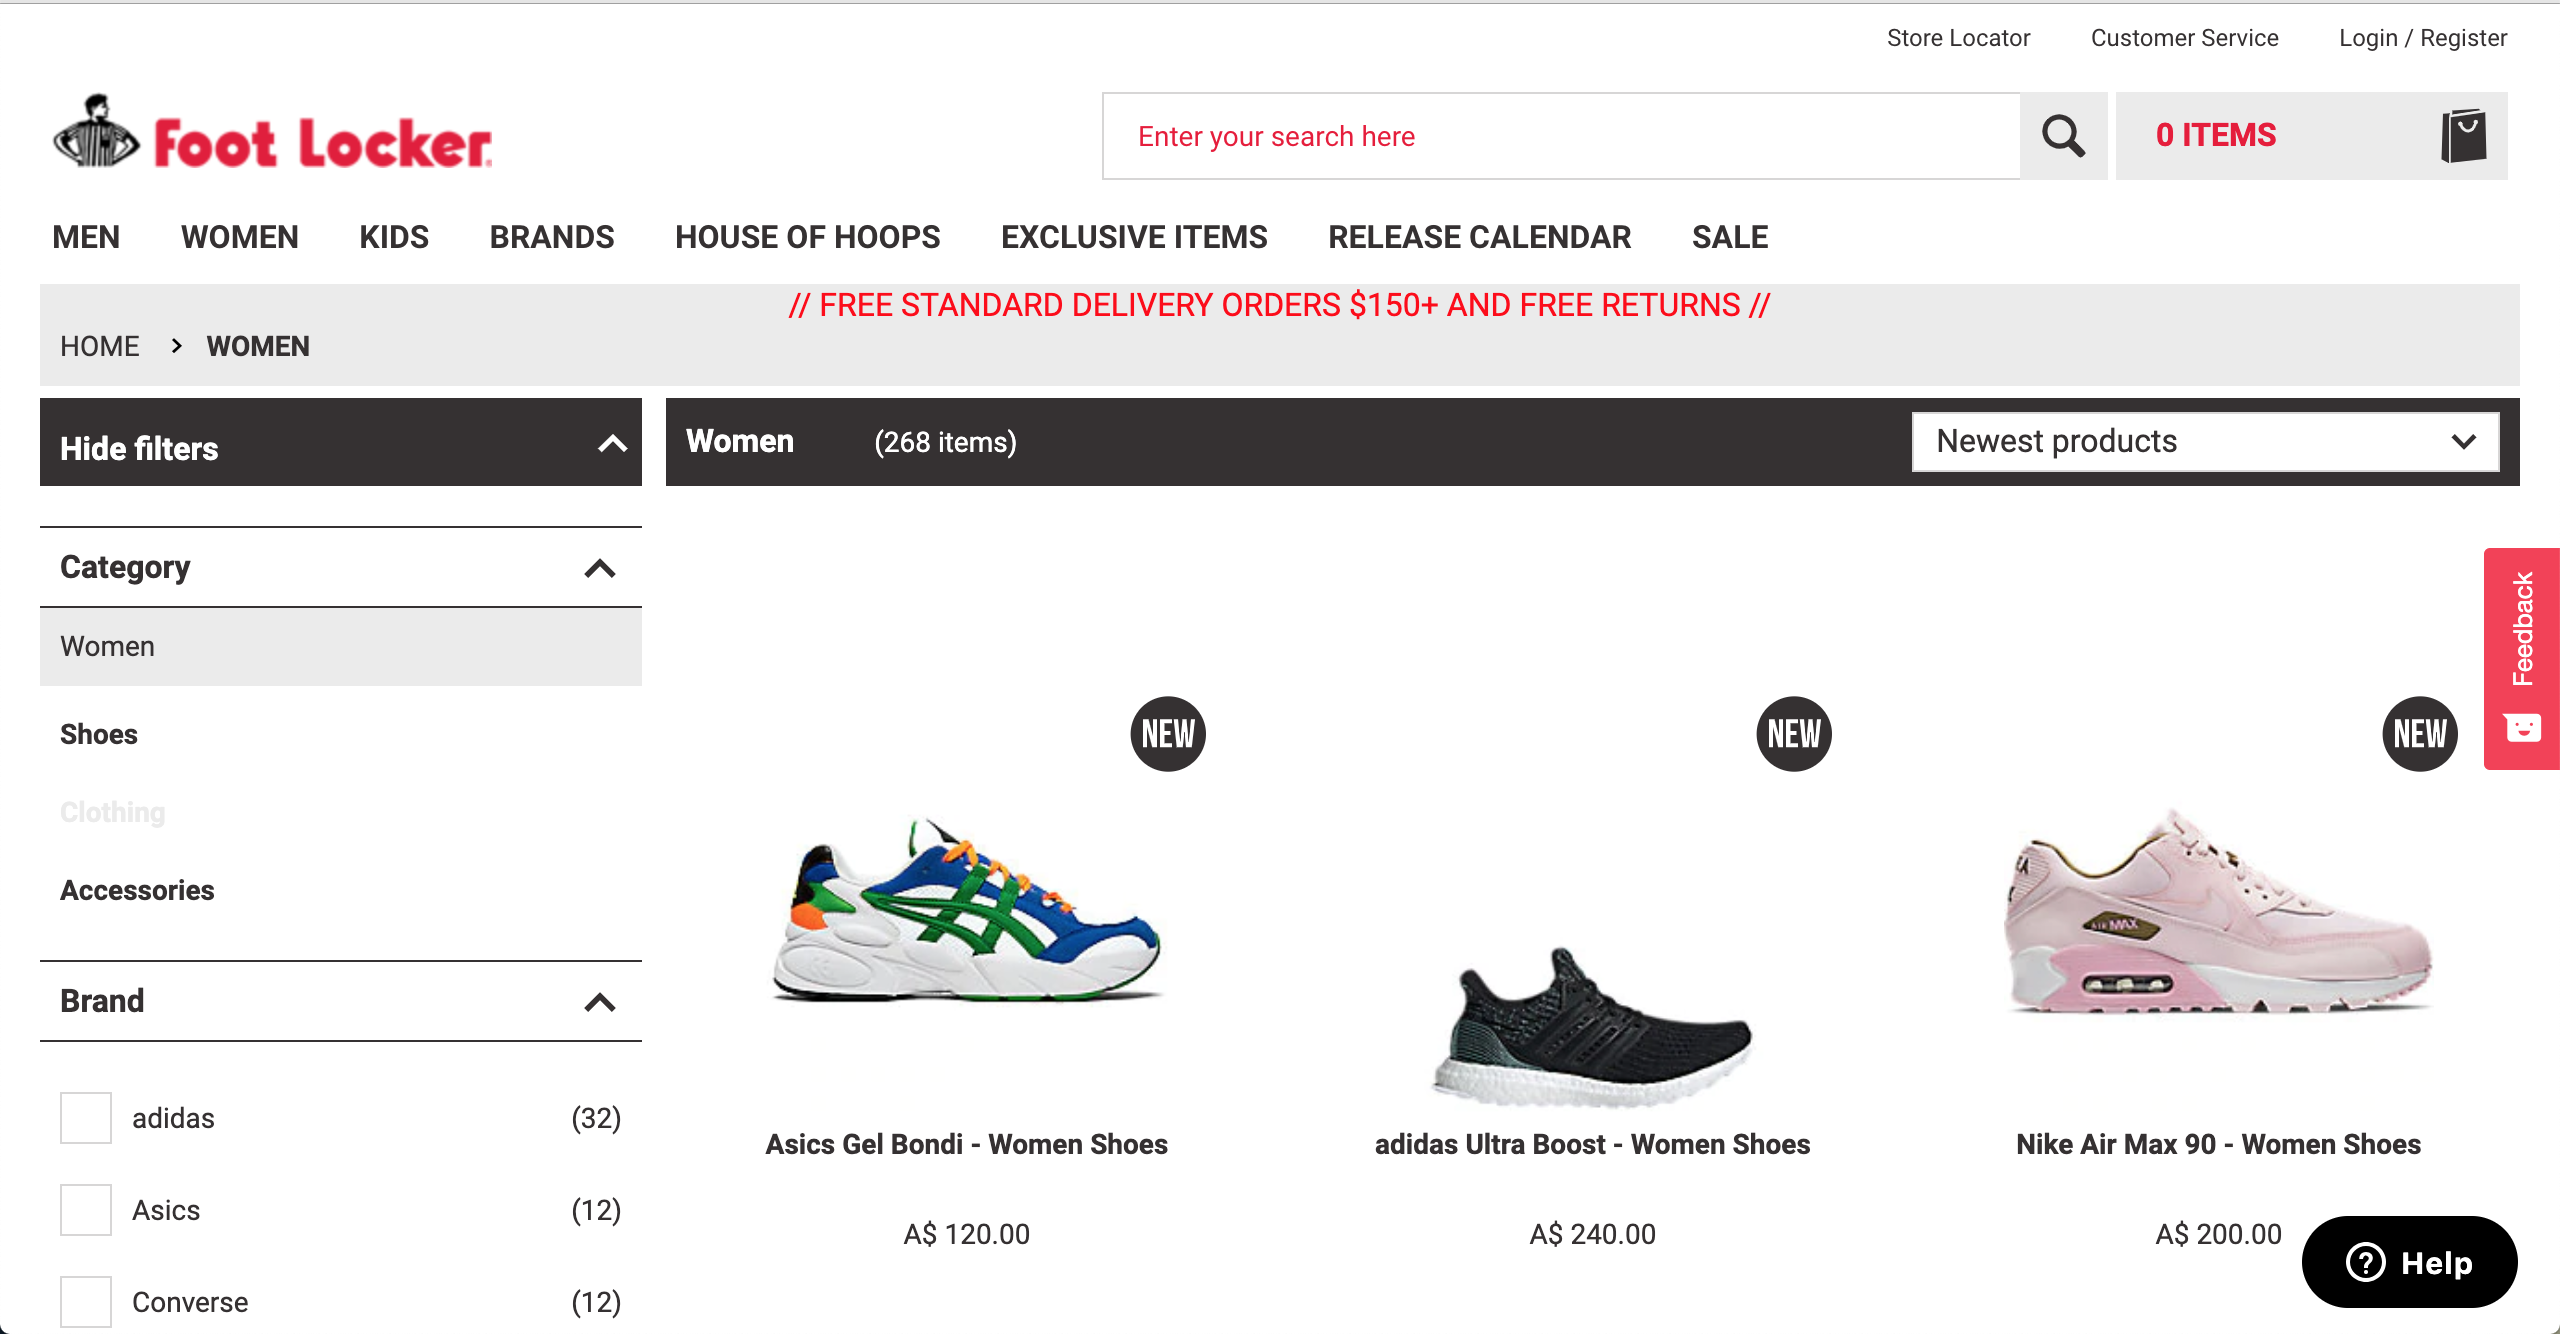 Foot Locker Women s product page